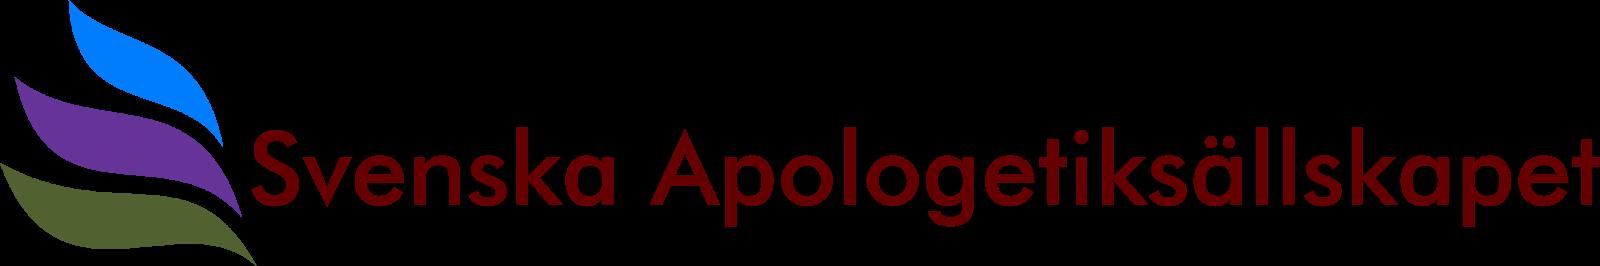 Svenska Apologetiksällskapet